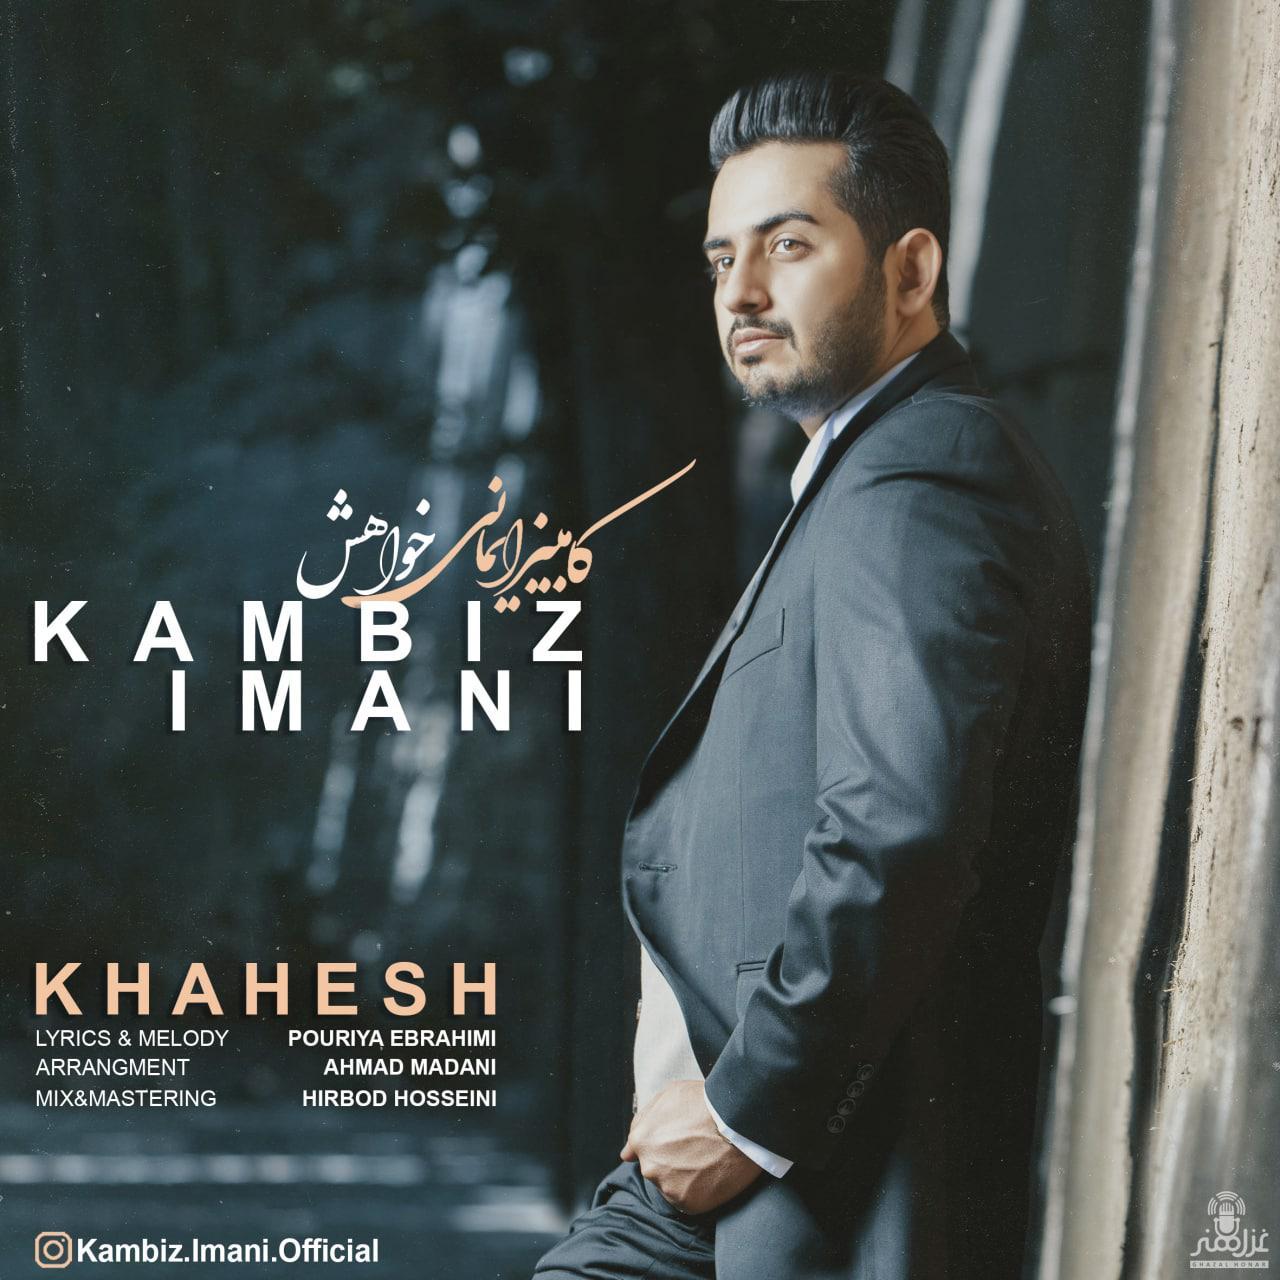 Kambiz Imani – Khahesh